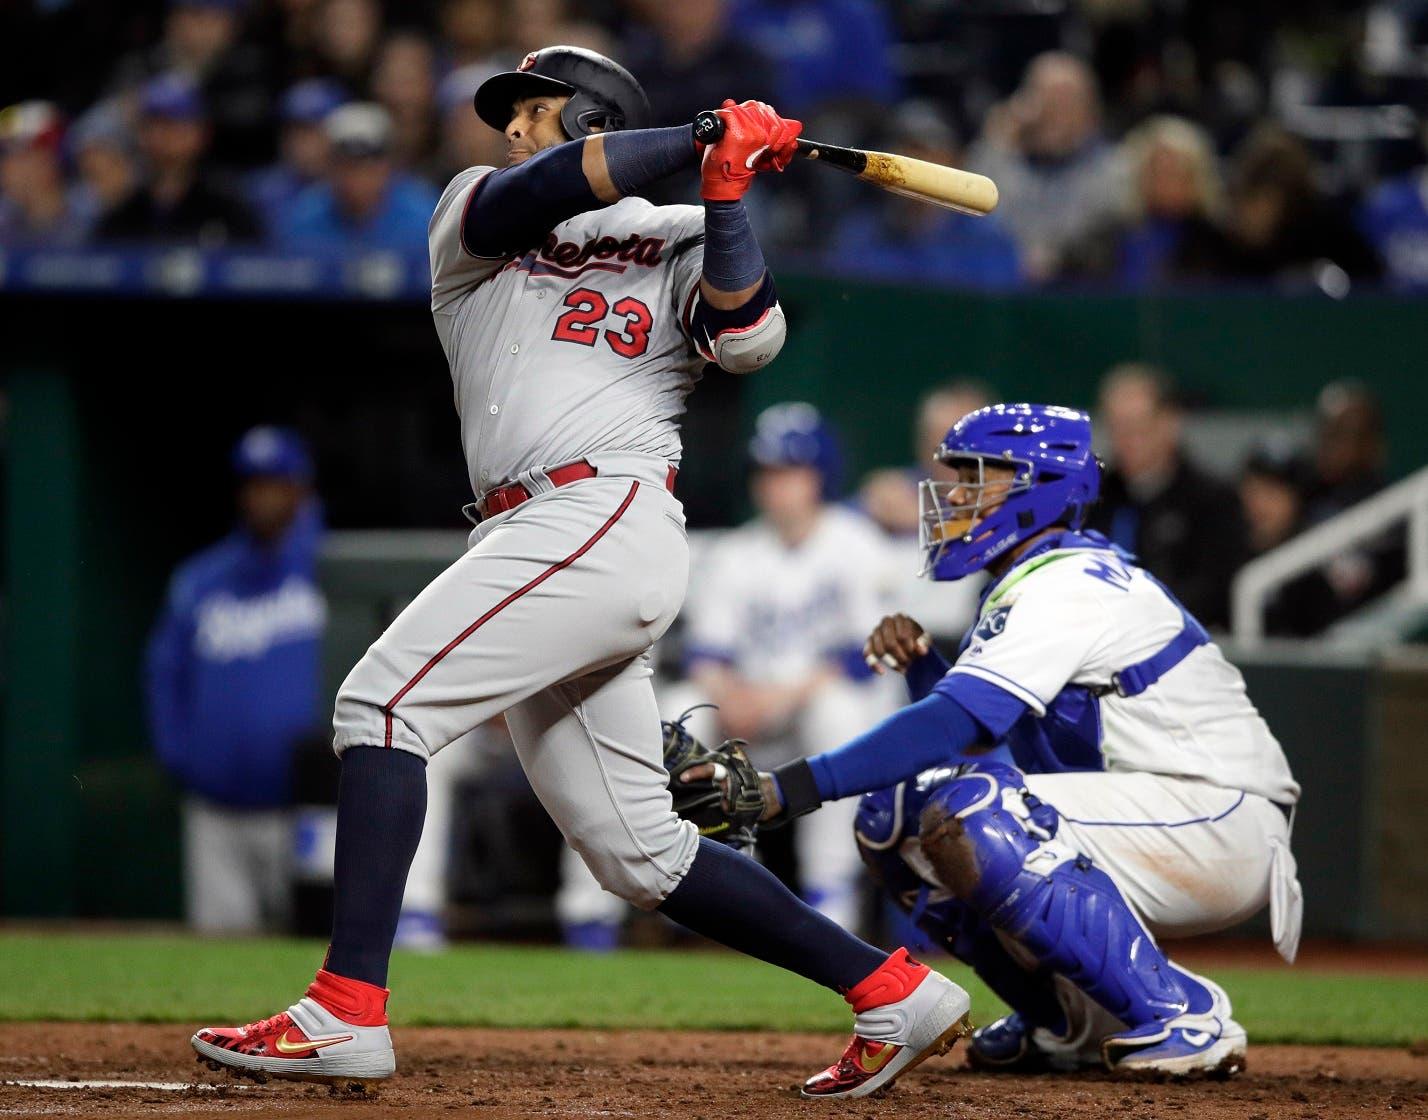 El bateador designado de los Mellizos de Minnesota, el dominicano Nelson Cruz (23), pega un double productor de dos carreras ante el abridor de los Reales de Kansas City, Brad Keller, durante el quinto inning de un juego de béisbol en el estadio Kauffman en Kansas City, Missouri, el martes 2 de abril de 2019. (AP Foto/Orlin Wagner)